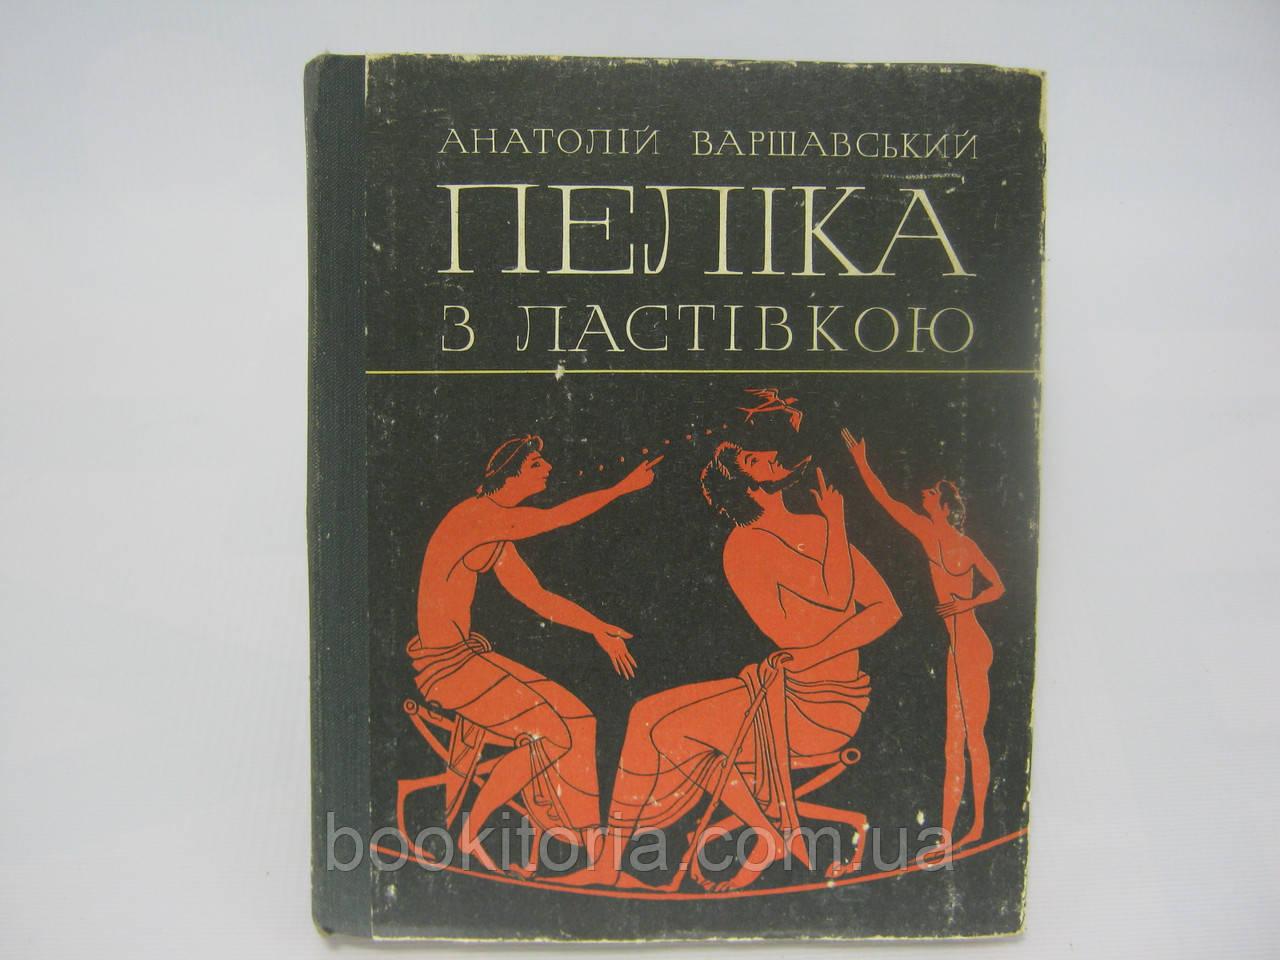 Варшавський А. Пеліка з ластівкою (б/у).